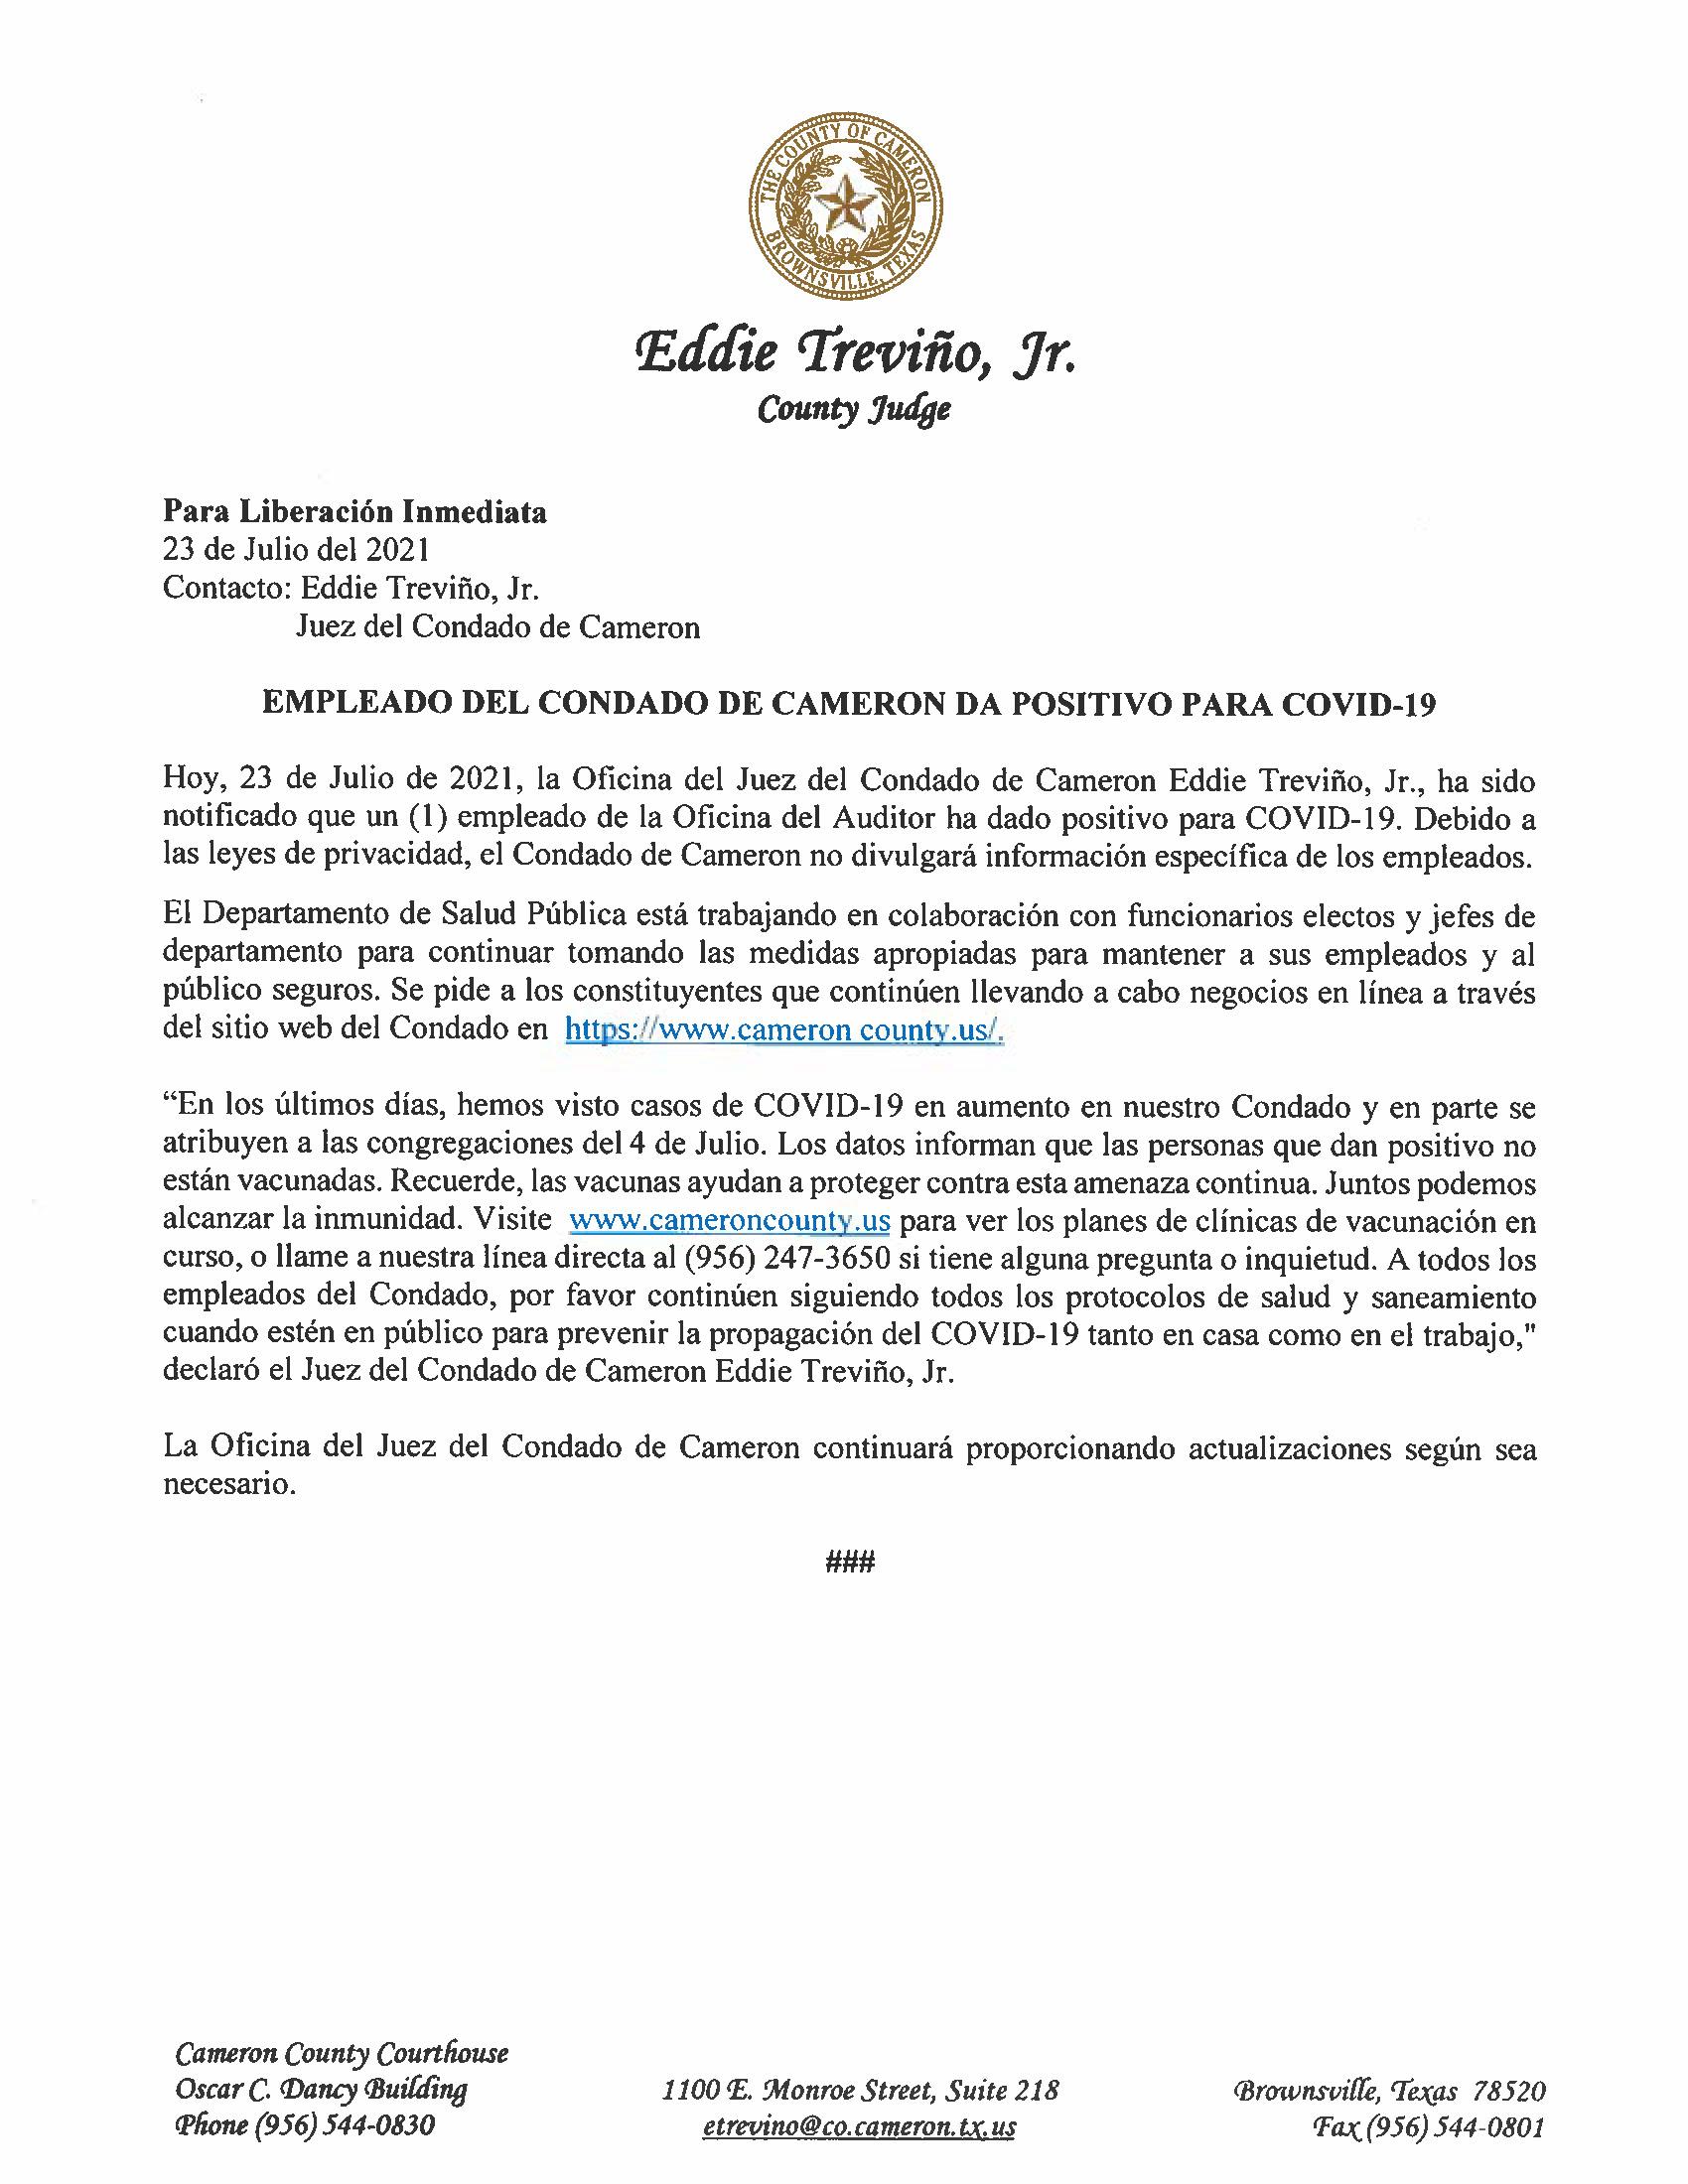 7.23.21 Empleado Del Condado Da Positivo Para COVID 19